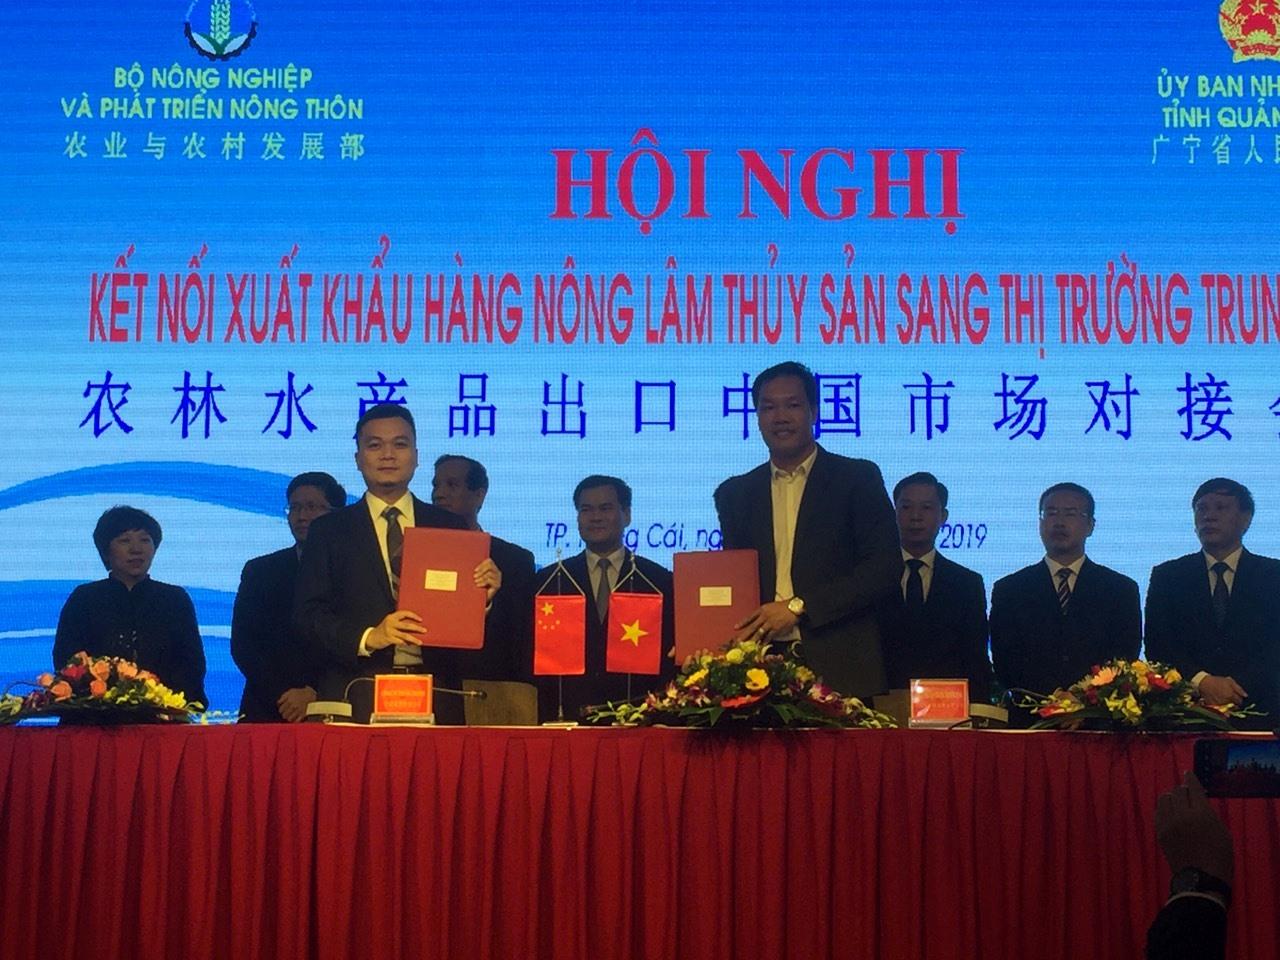 Hội nghị kết nối xuất khẩu hàng nông, lâm, thủy sản sang thị trường Trung Quốc  - Ảnh 5